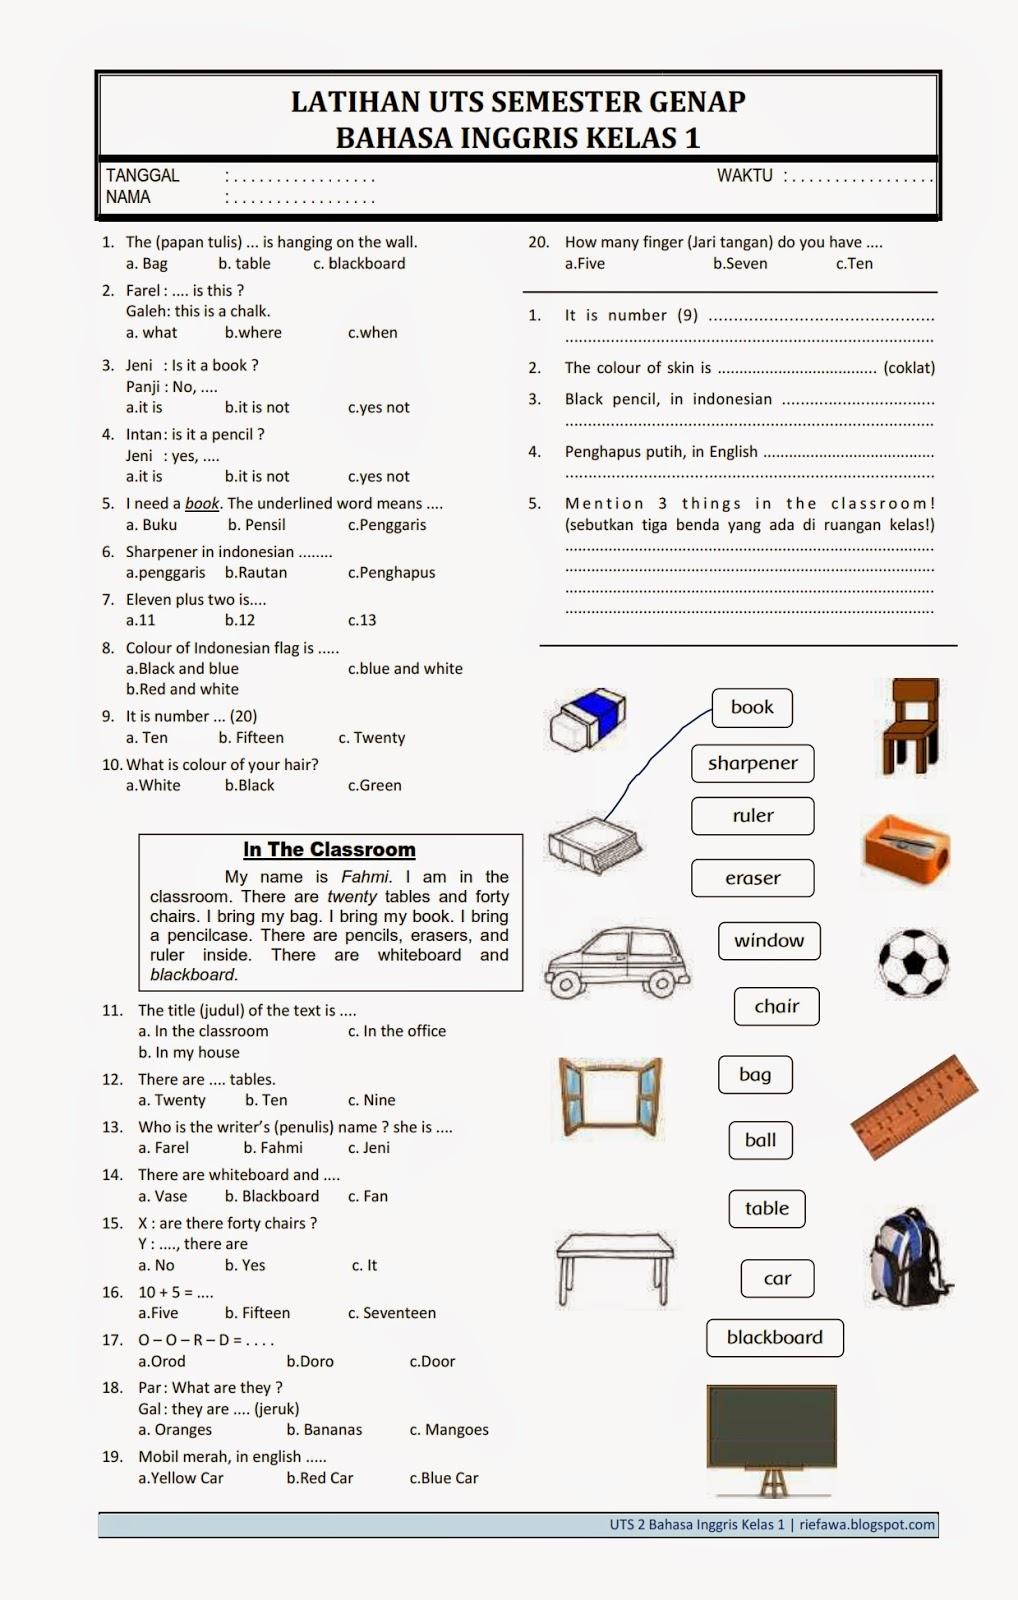 Yuk mari disimak latihan soal di bawah ini untuk mengingatkan kembali kemampuan bahasa inggris kalian! Download Soal UTS 2 Bahasa Inggris Kelas 1 - Rief Awa Blog